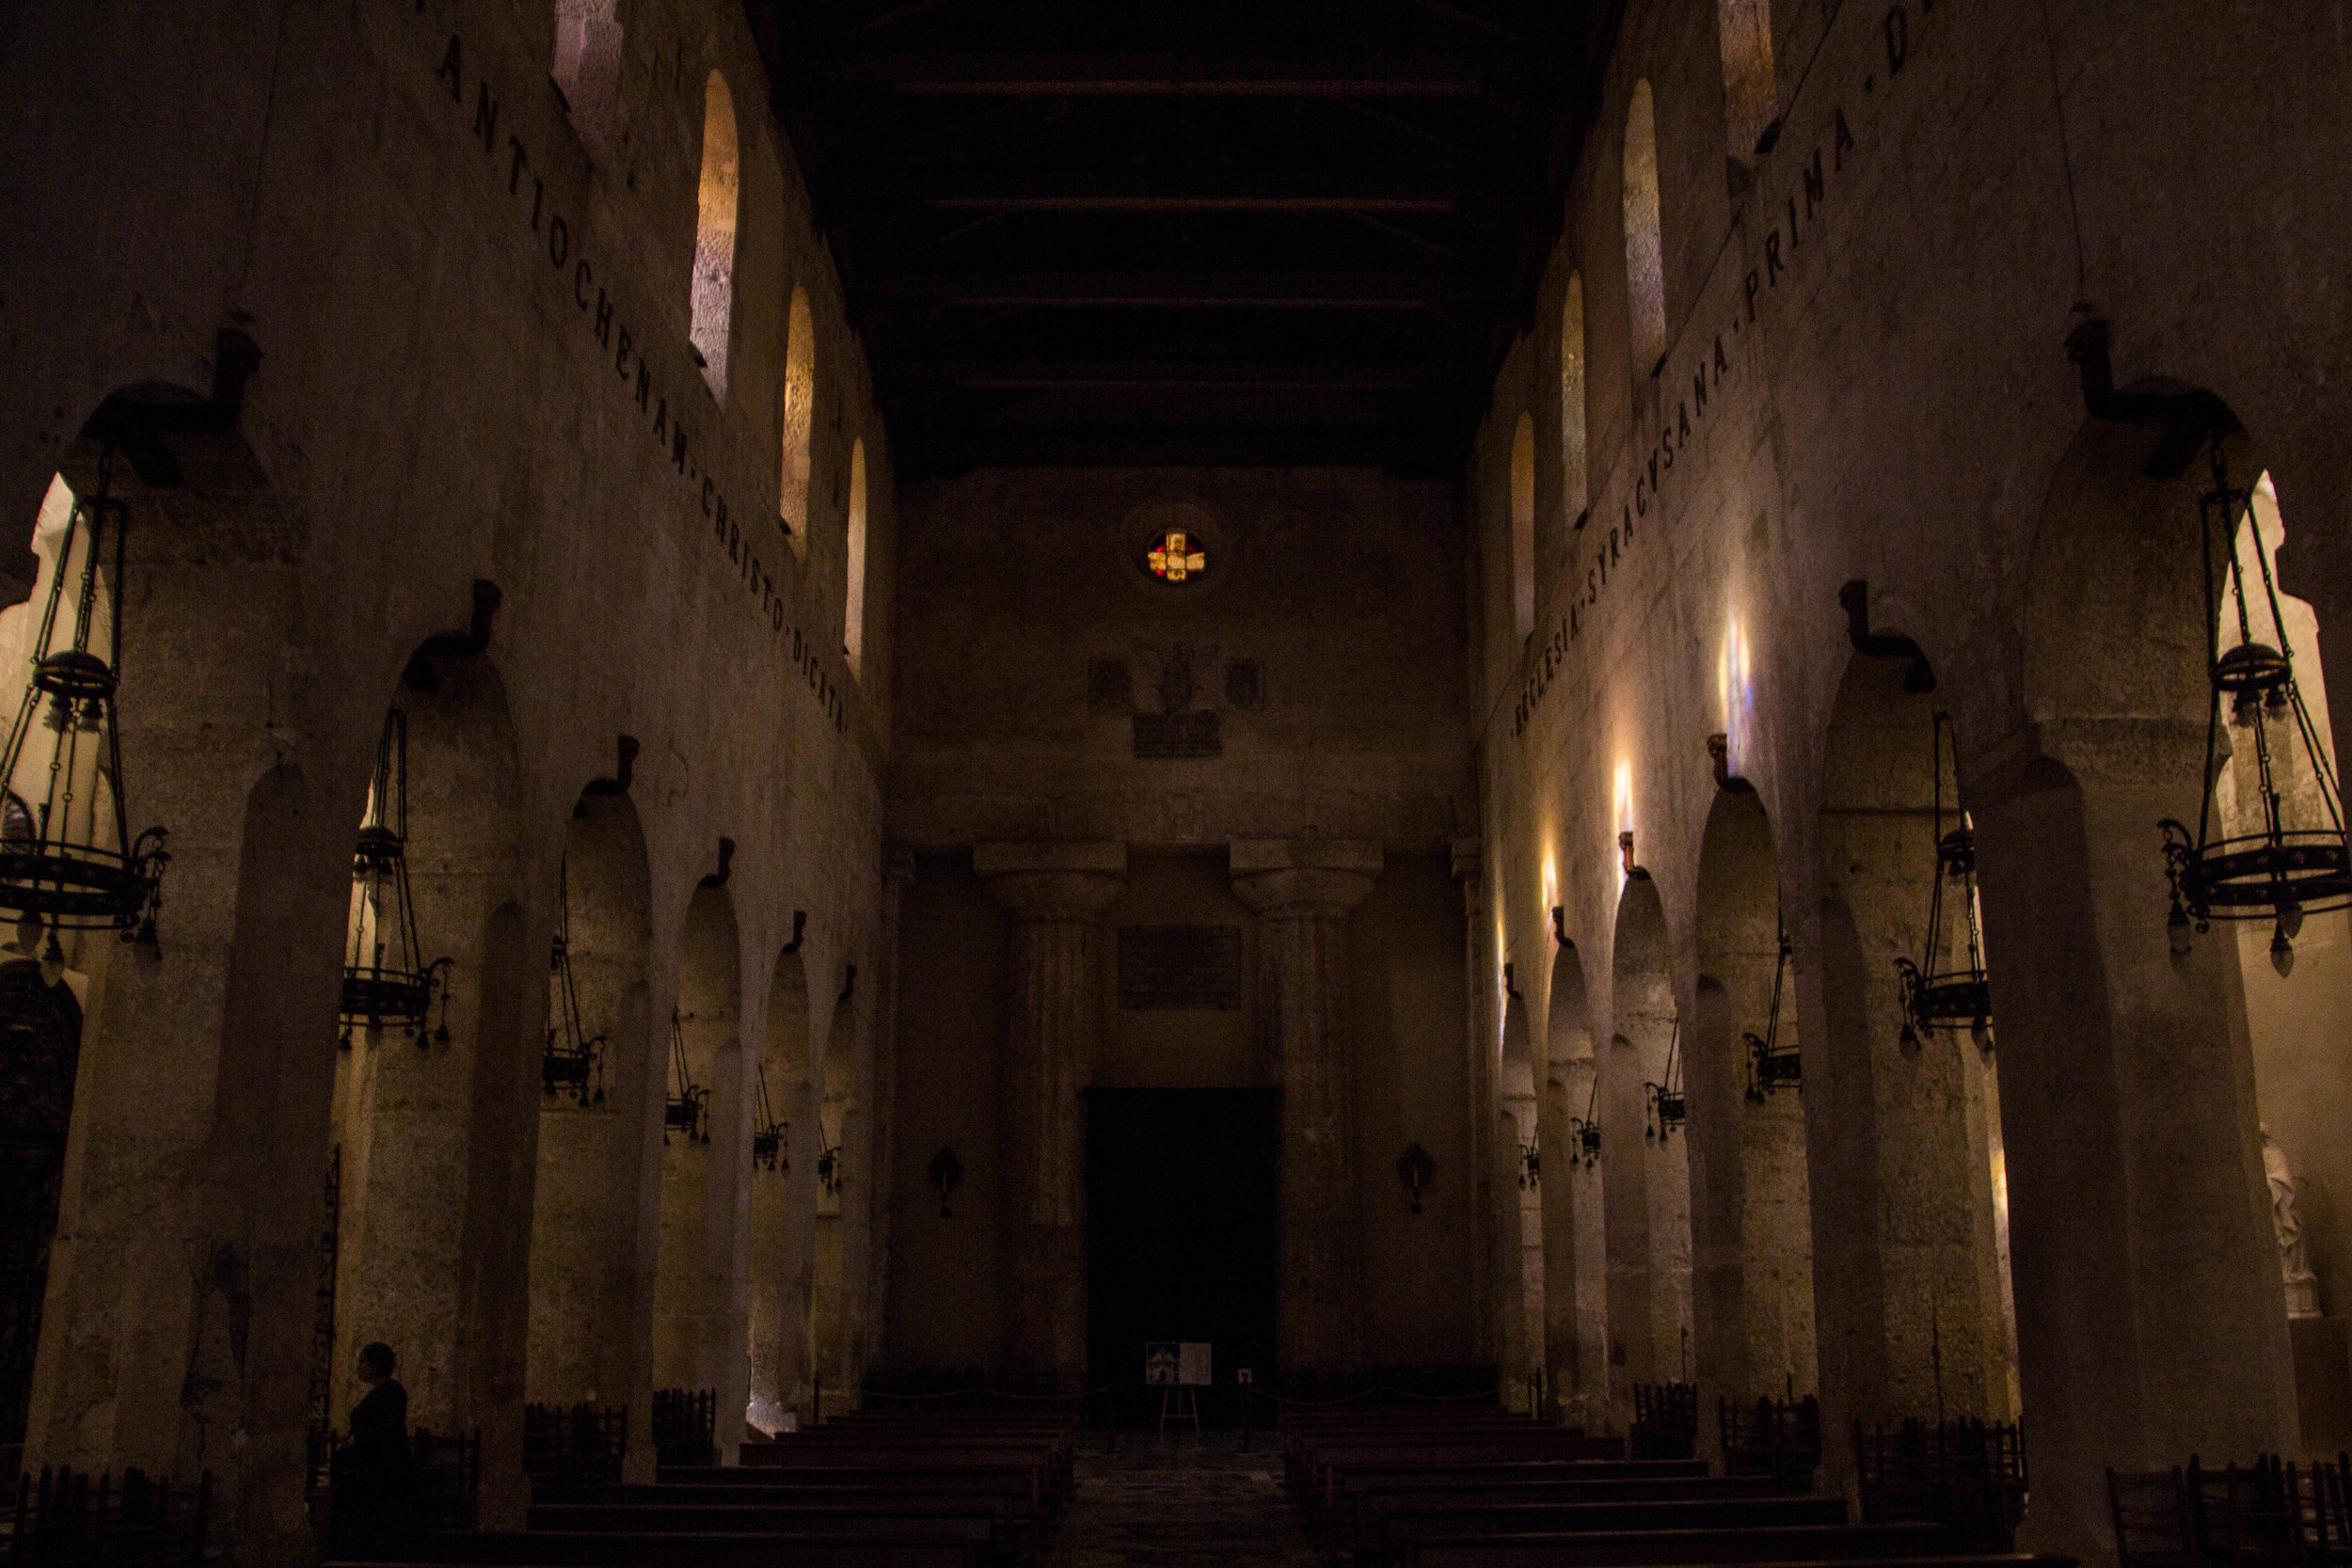 cattedrale-nativita-di-maria-santissima-ortygia-syracuse-sicily-6.jpg